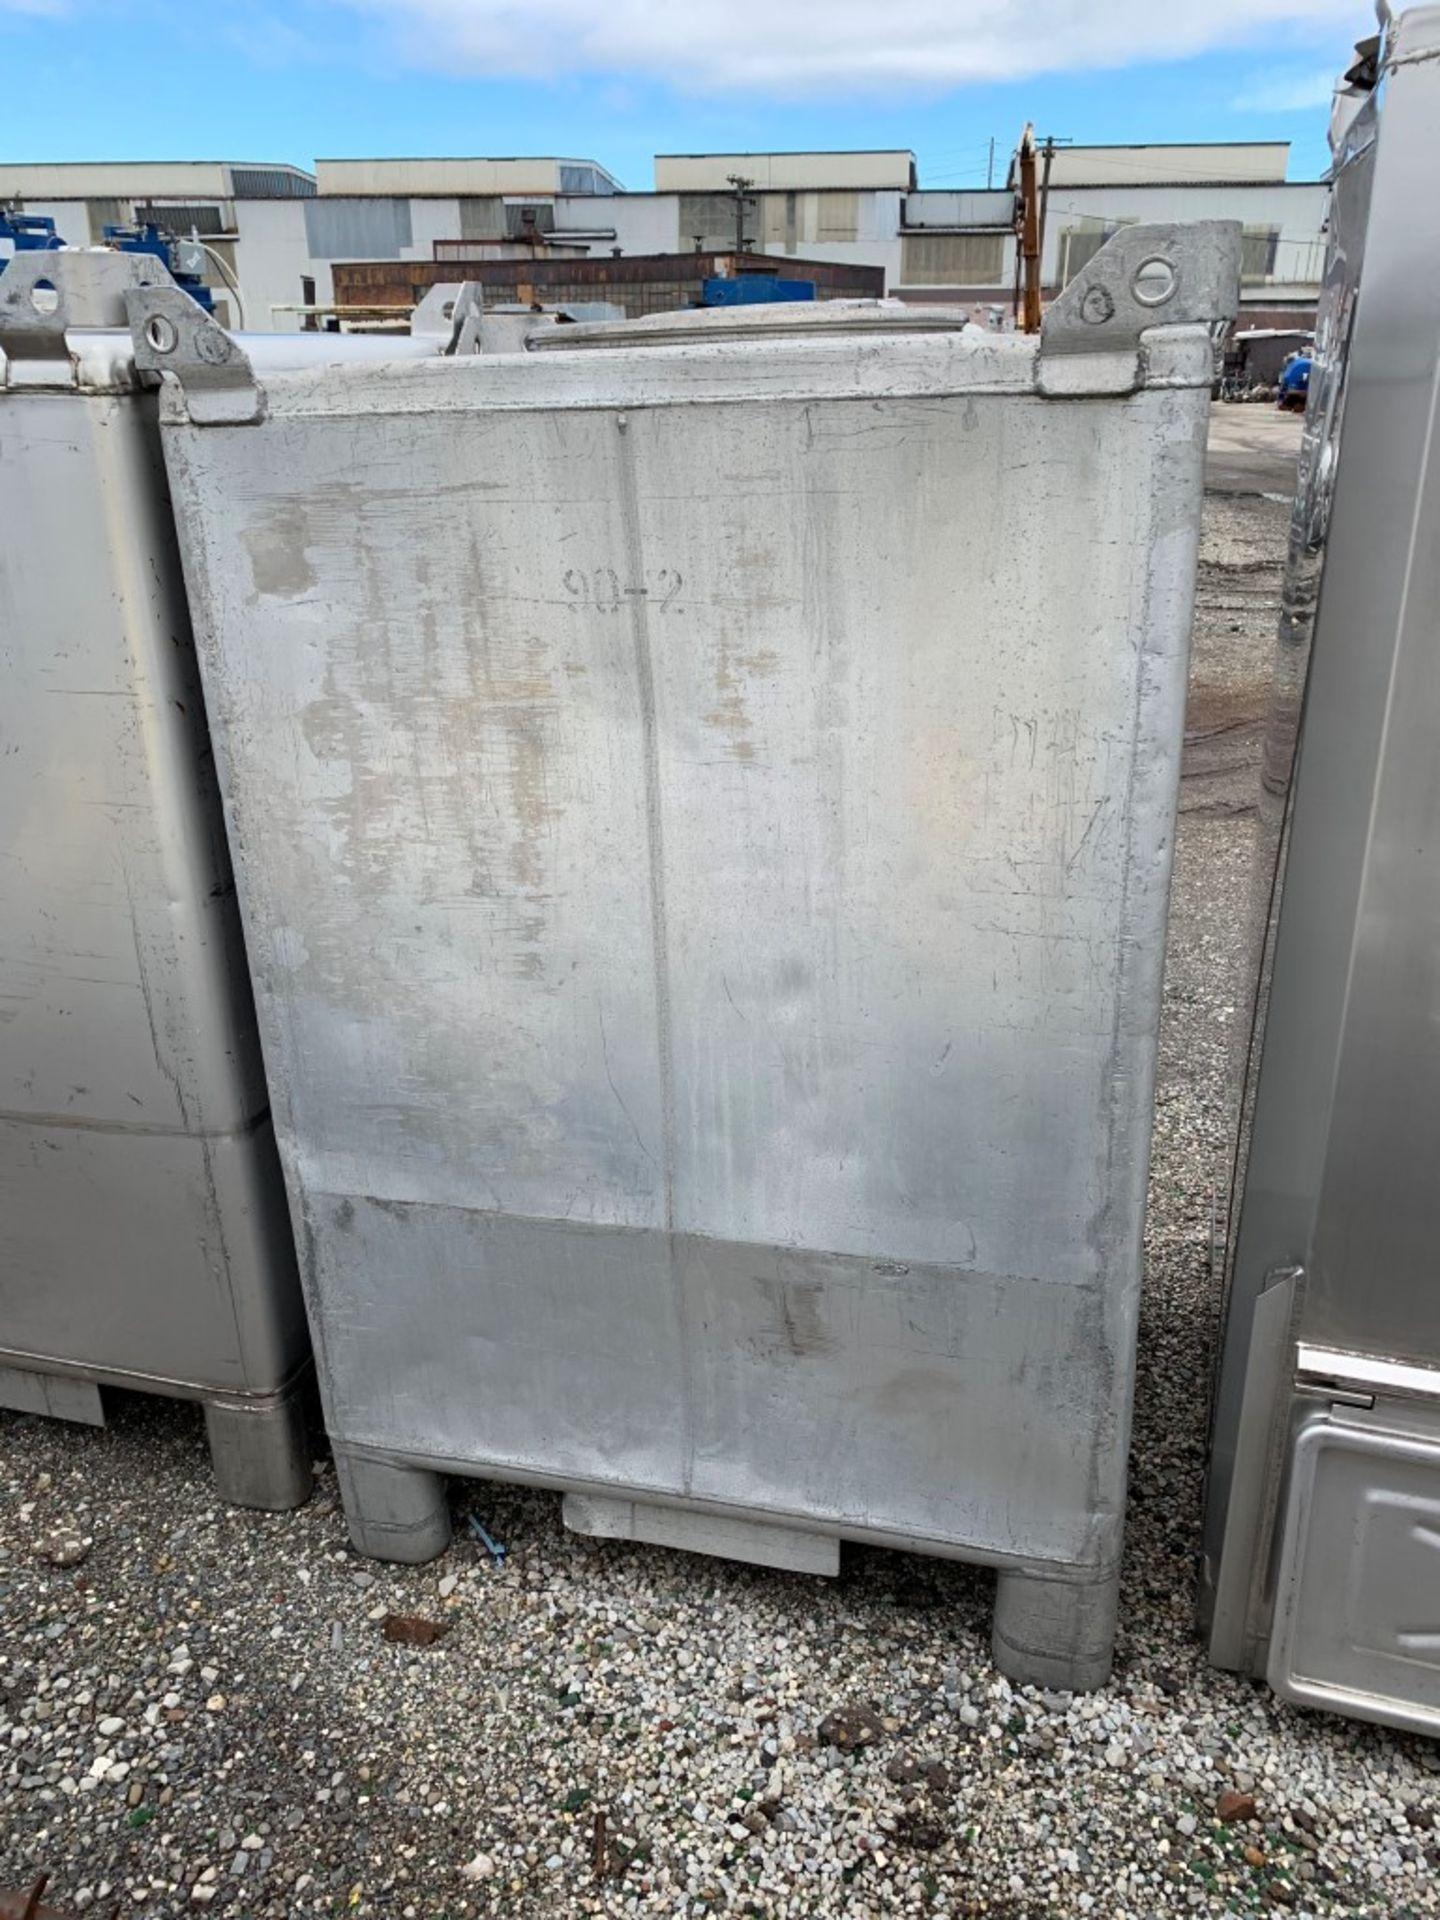 Lot 22 - 74 Cu Ft Tote Systems Tote Bin, Aluminum